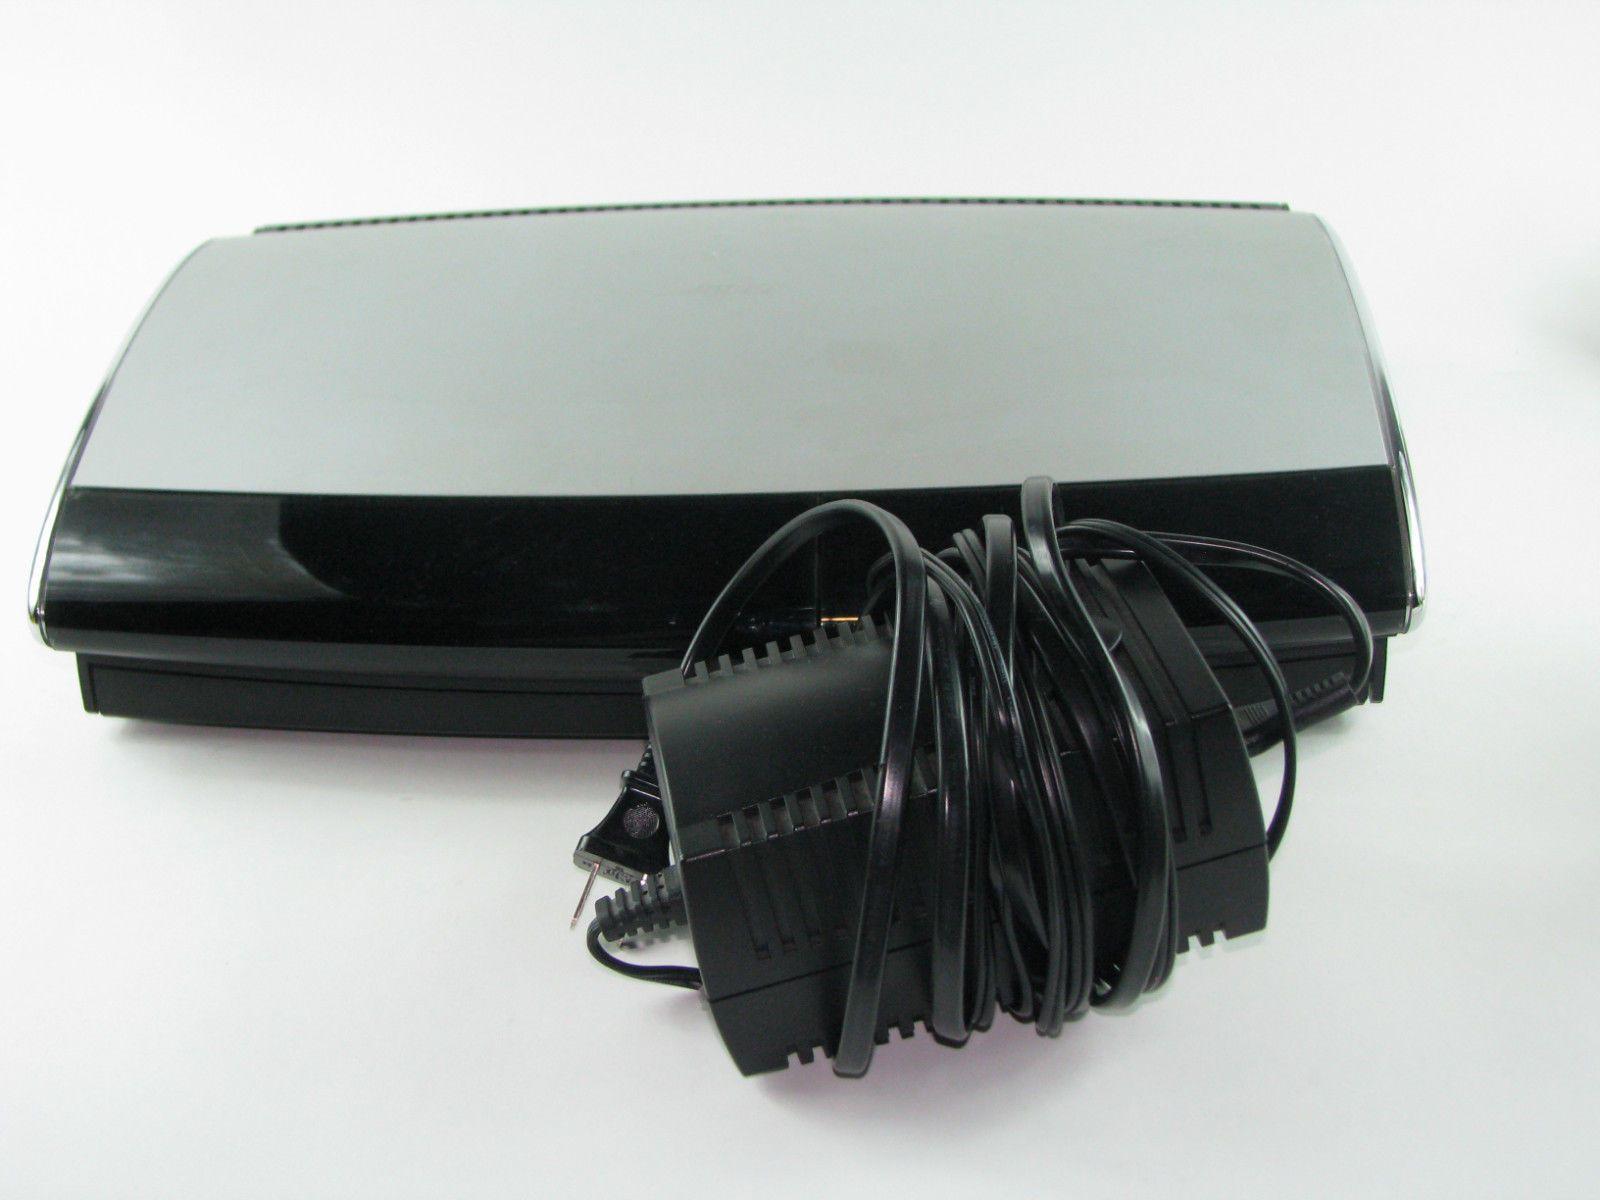 Bose LifeStyle AV-28 Media Center DVD/CD Player System W/ Power Supply